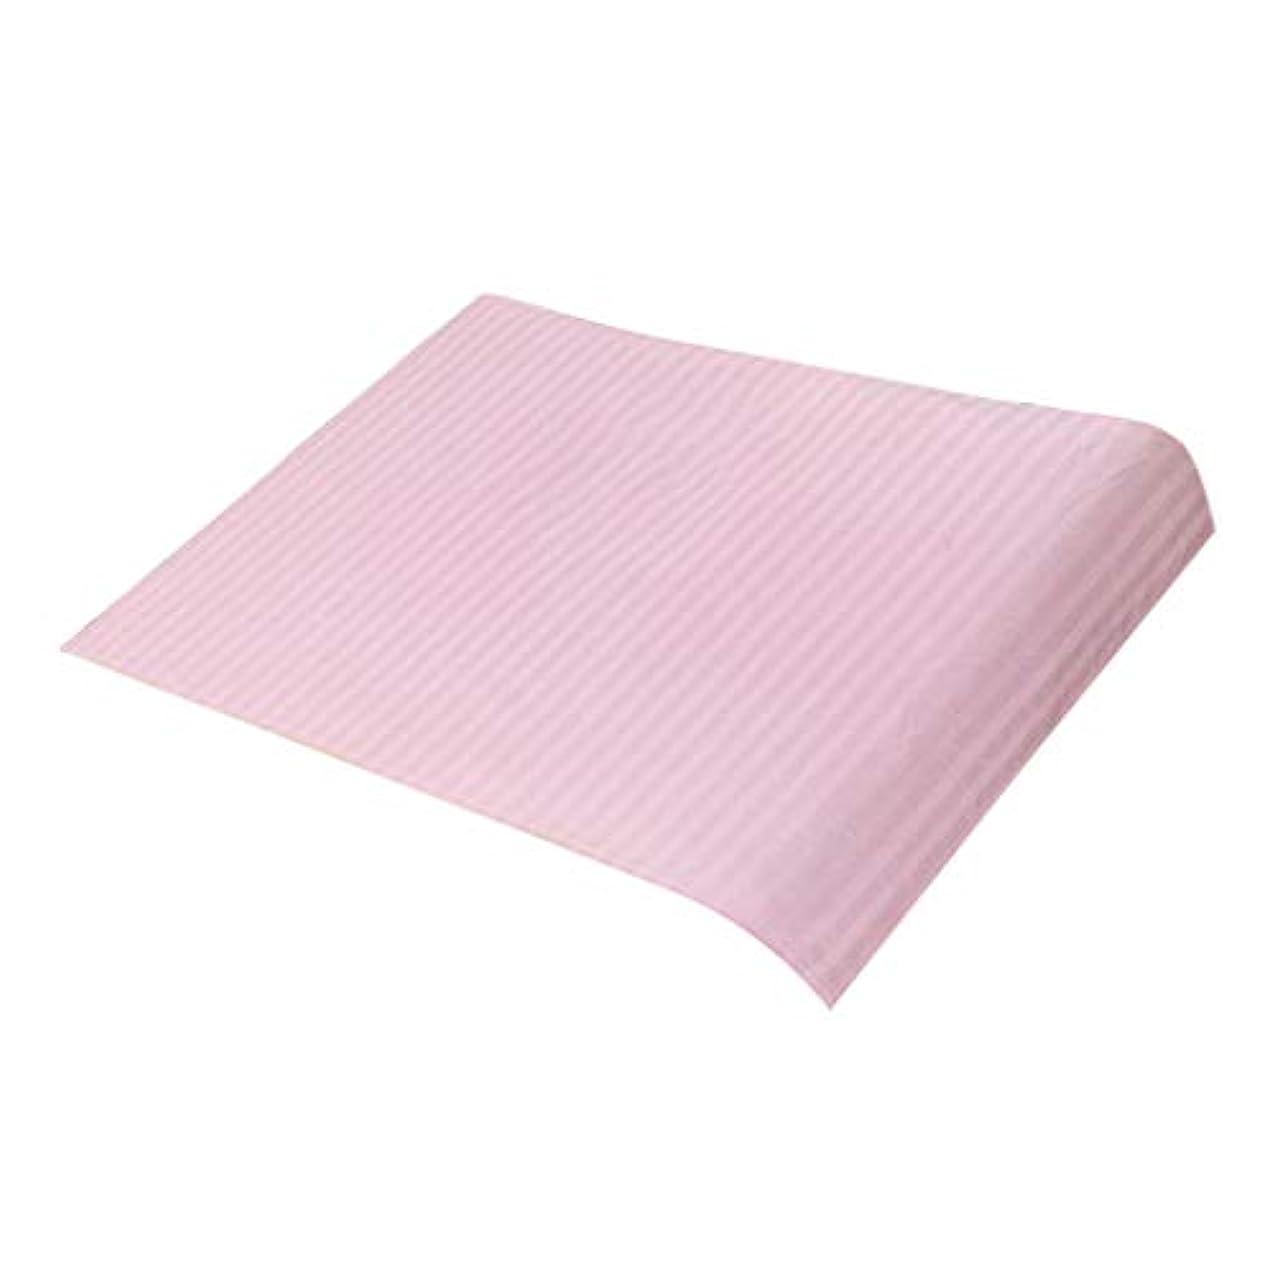 解明する合わせて苦マッサージベッドカバー 美容ベッドカバー スパ マッサージテーブルスカート 綿素材 断面デザイン - ピンク